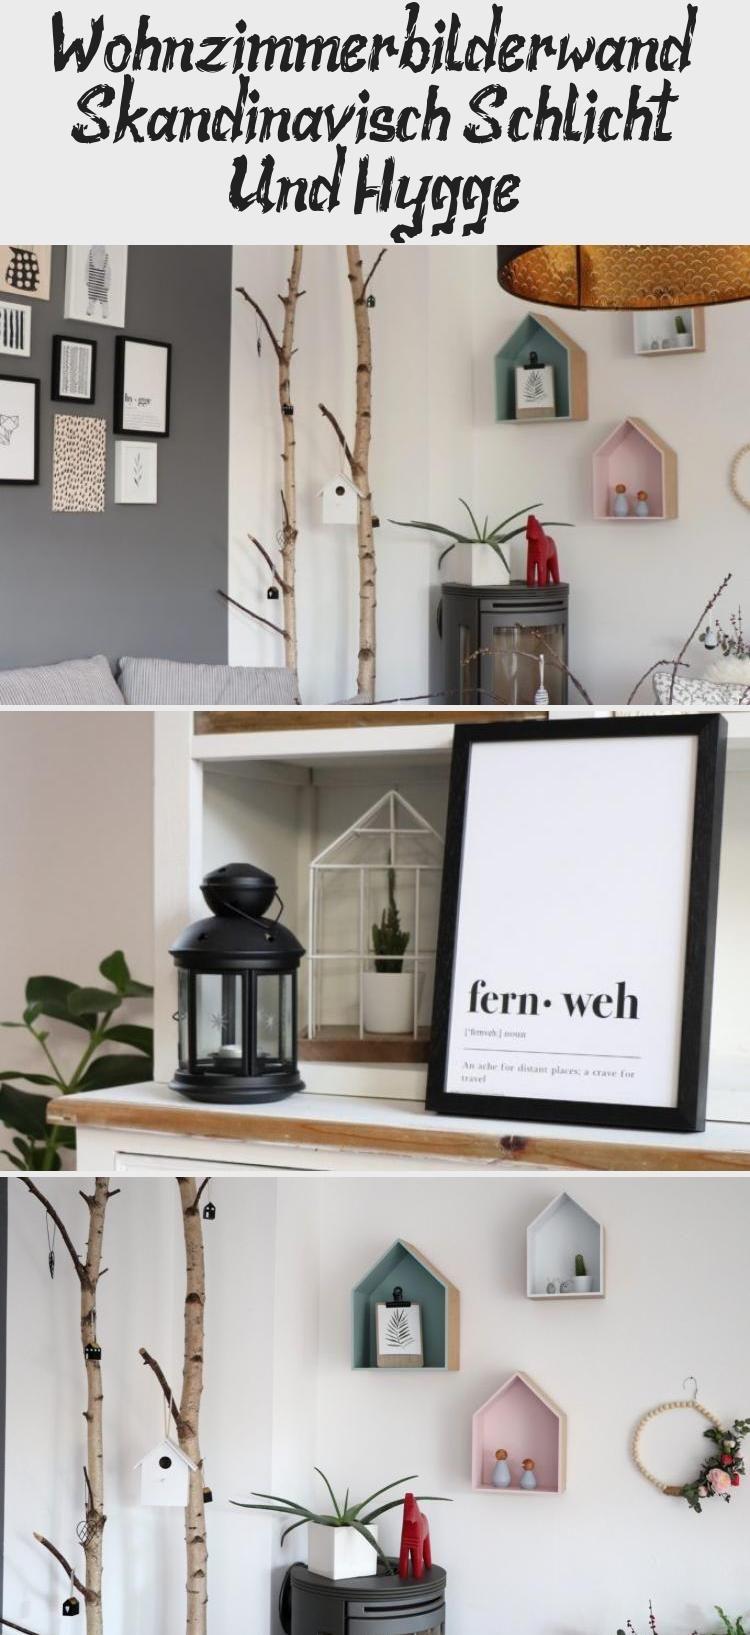 Wohnzimmer Bilderwand Skandinavisch Schlicht Und Hygge Home